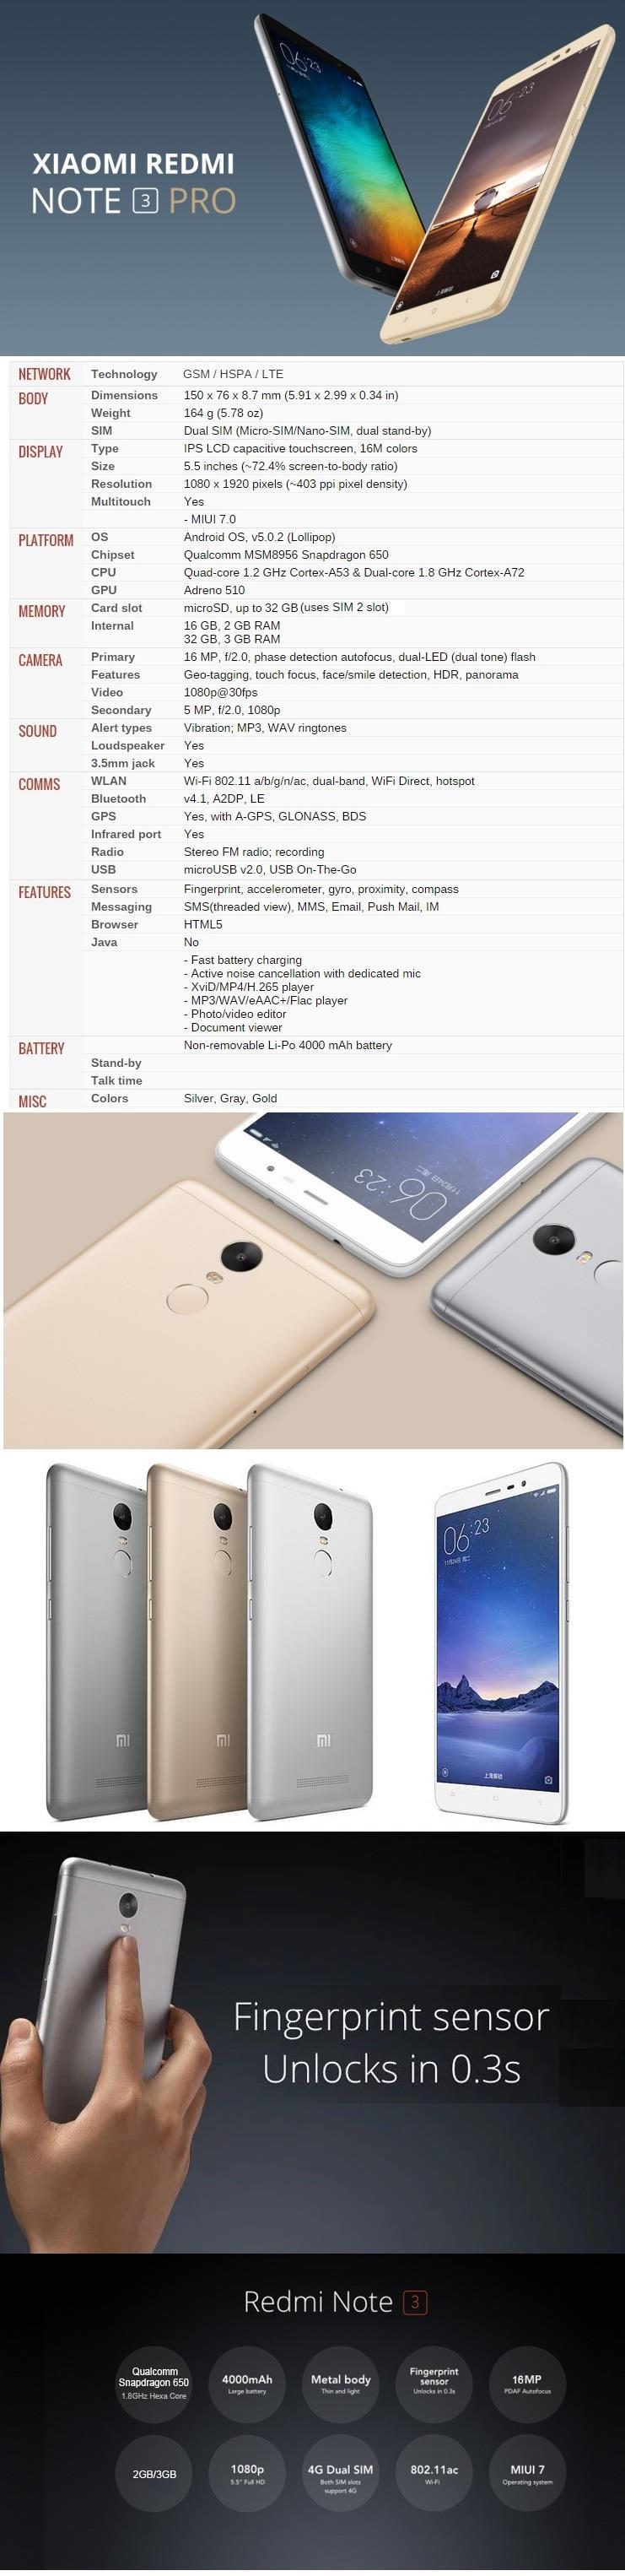 инструкция к телефону xiaomi redmi note 5a